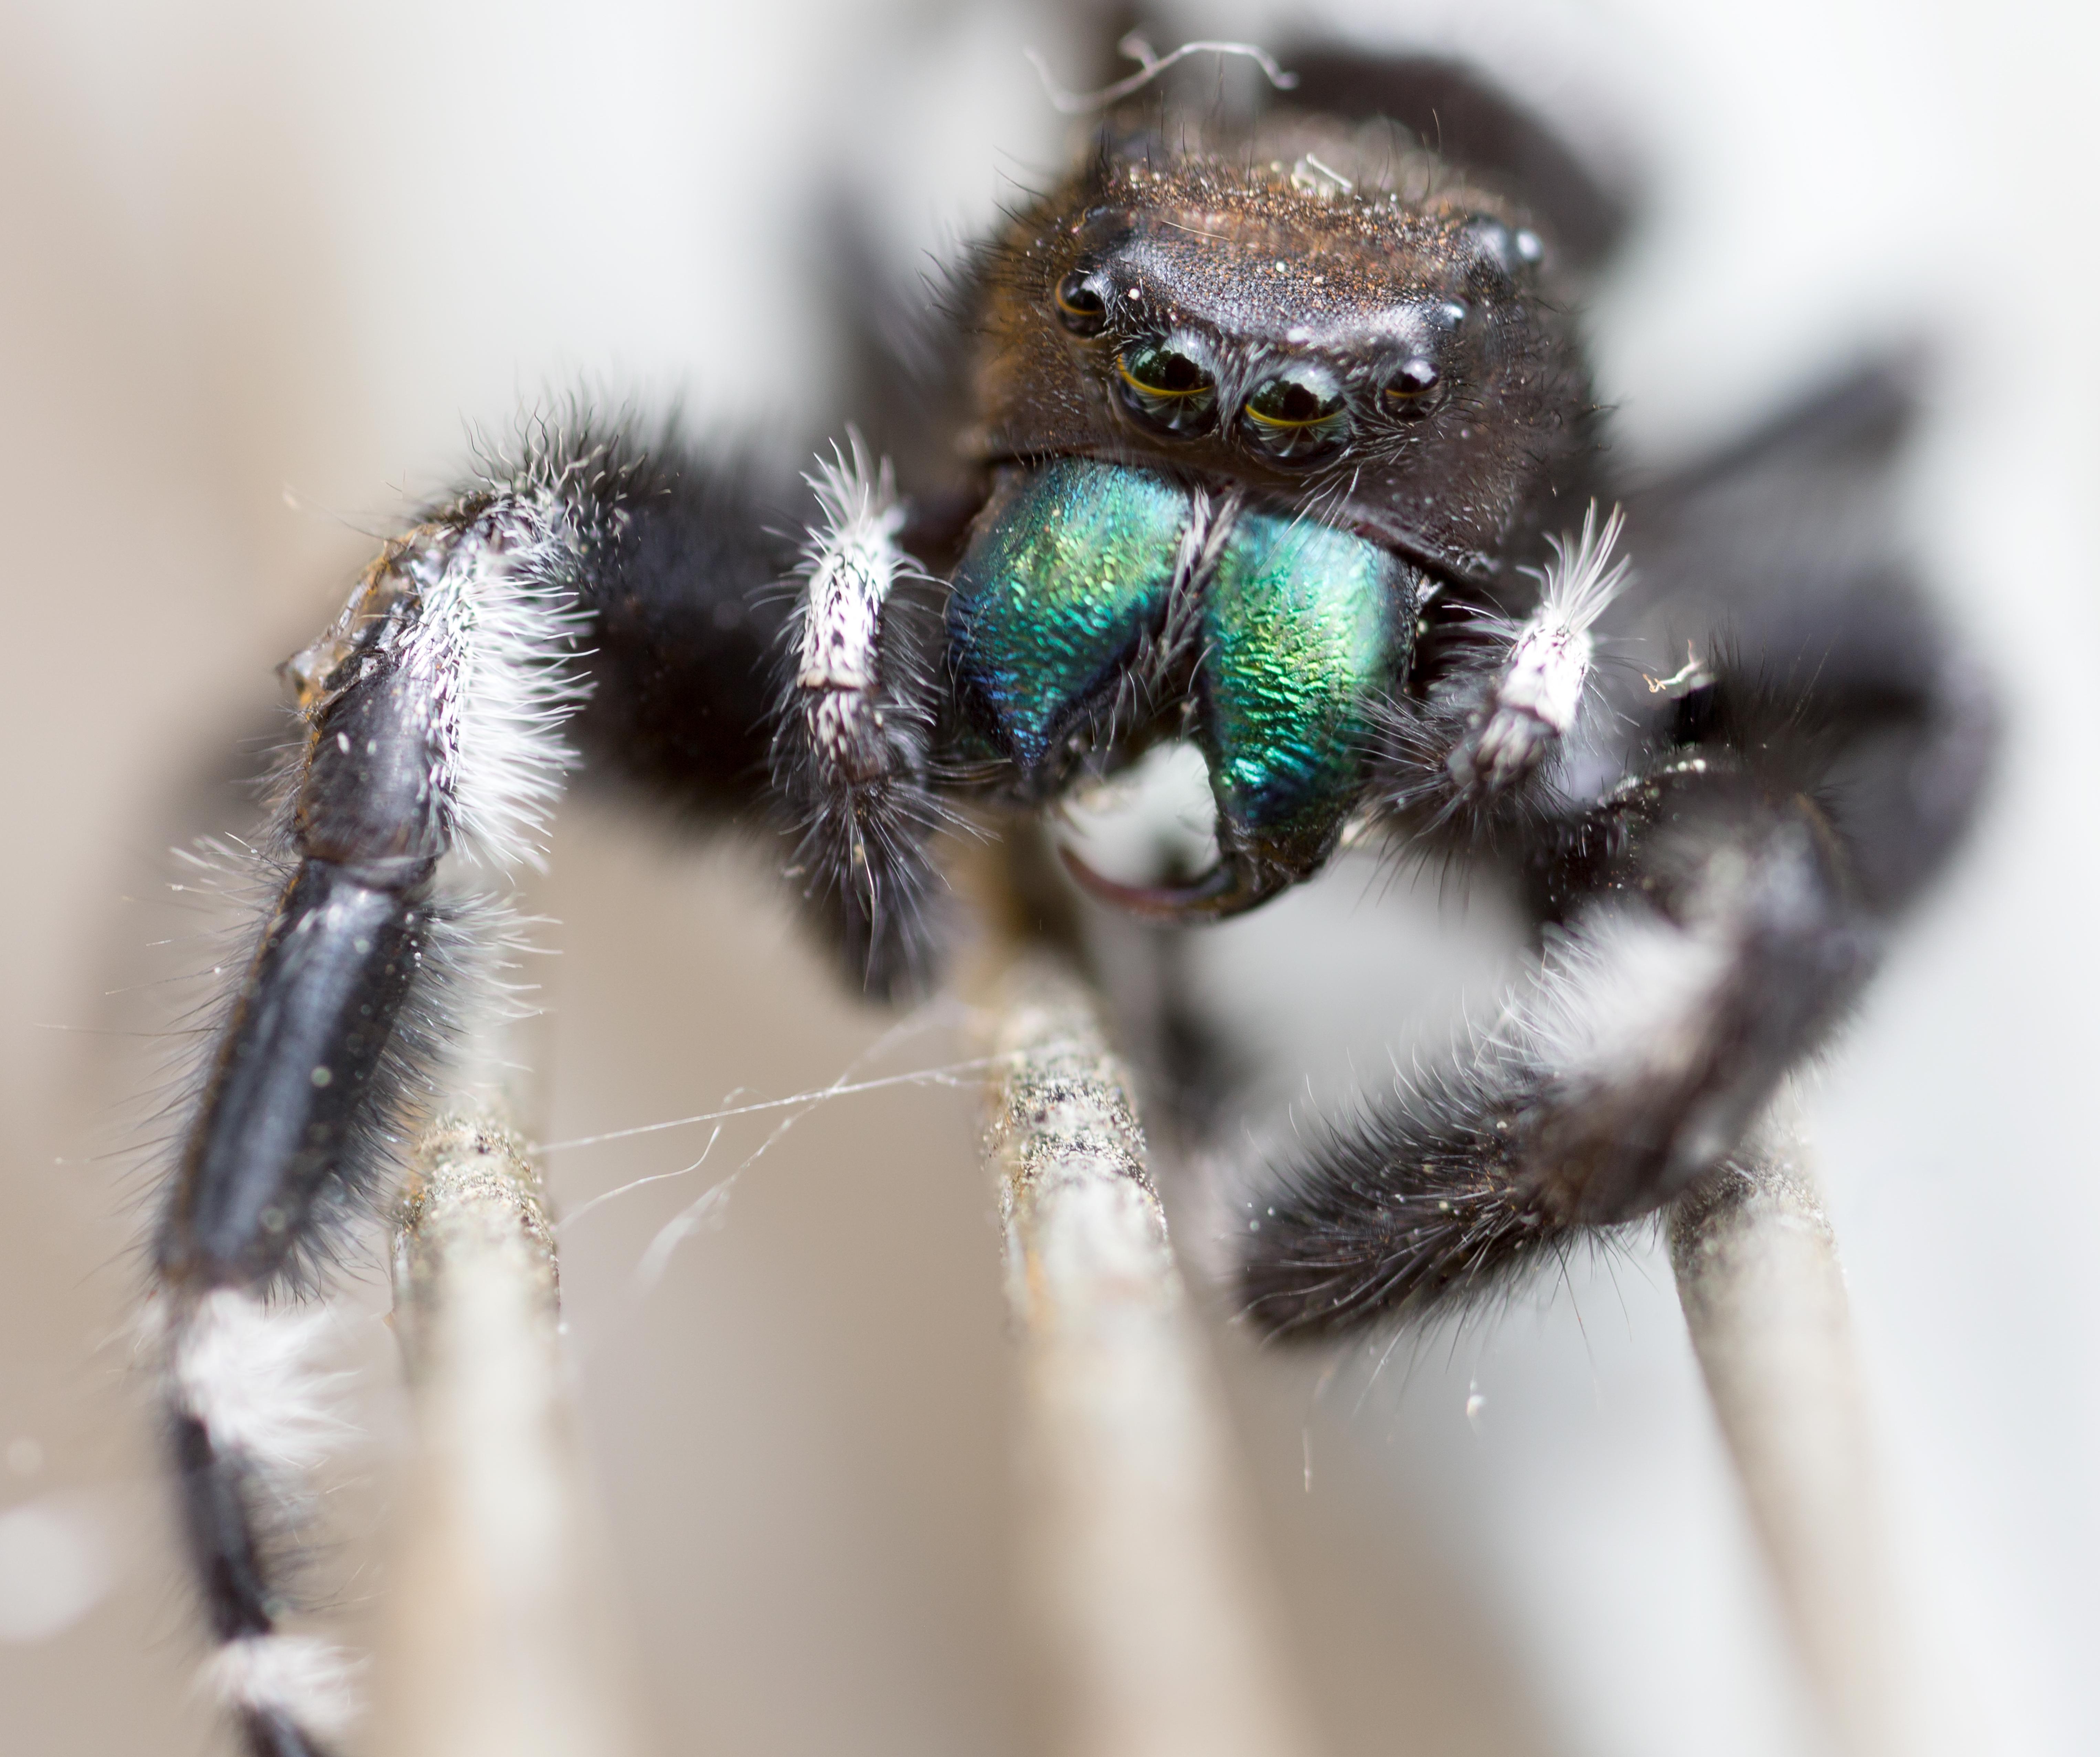 [OC] Phidippus Audax Jumping Spider Macro [6102x5105]